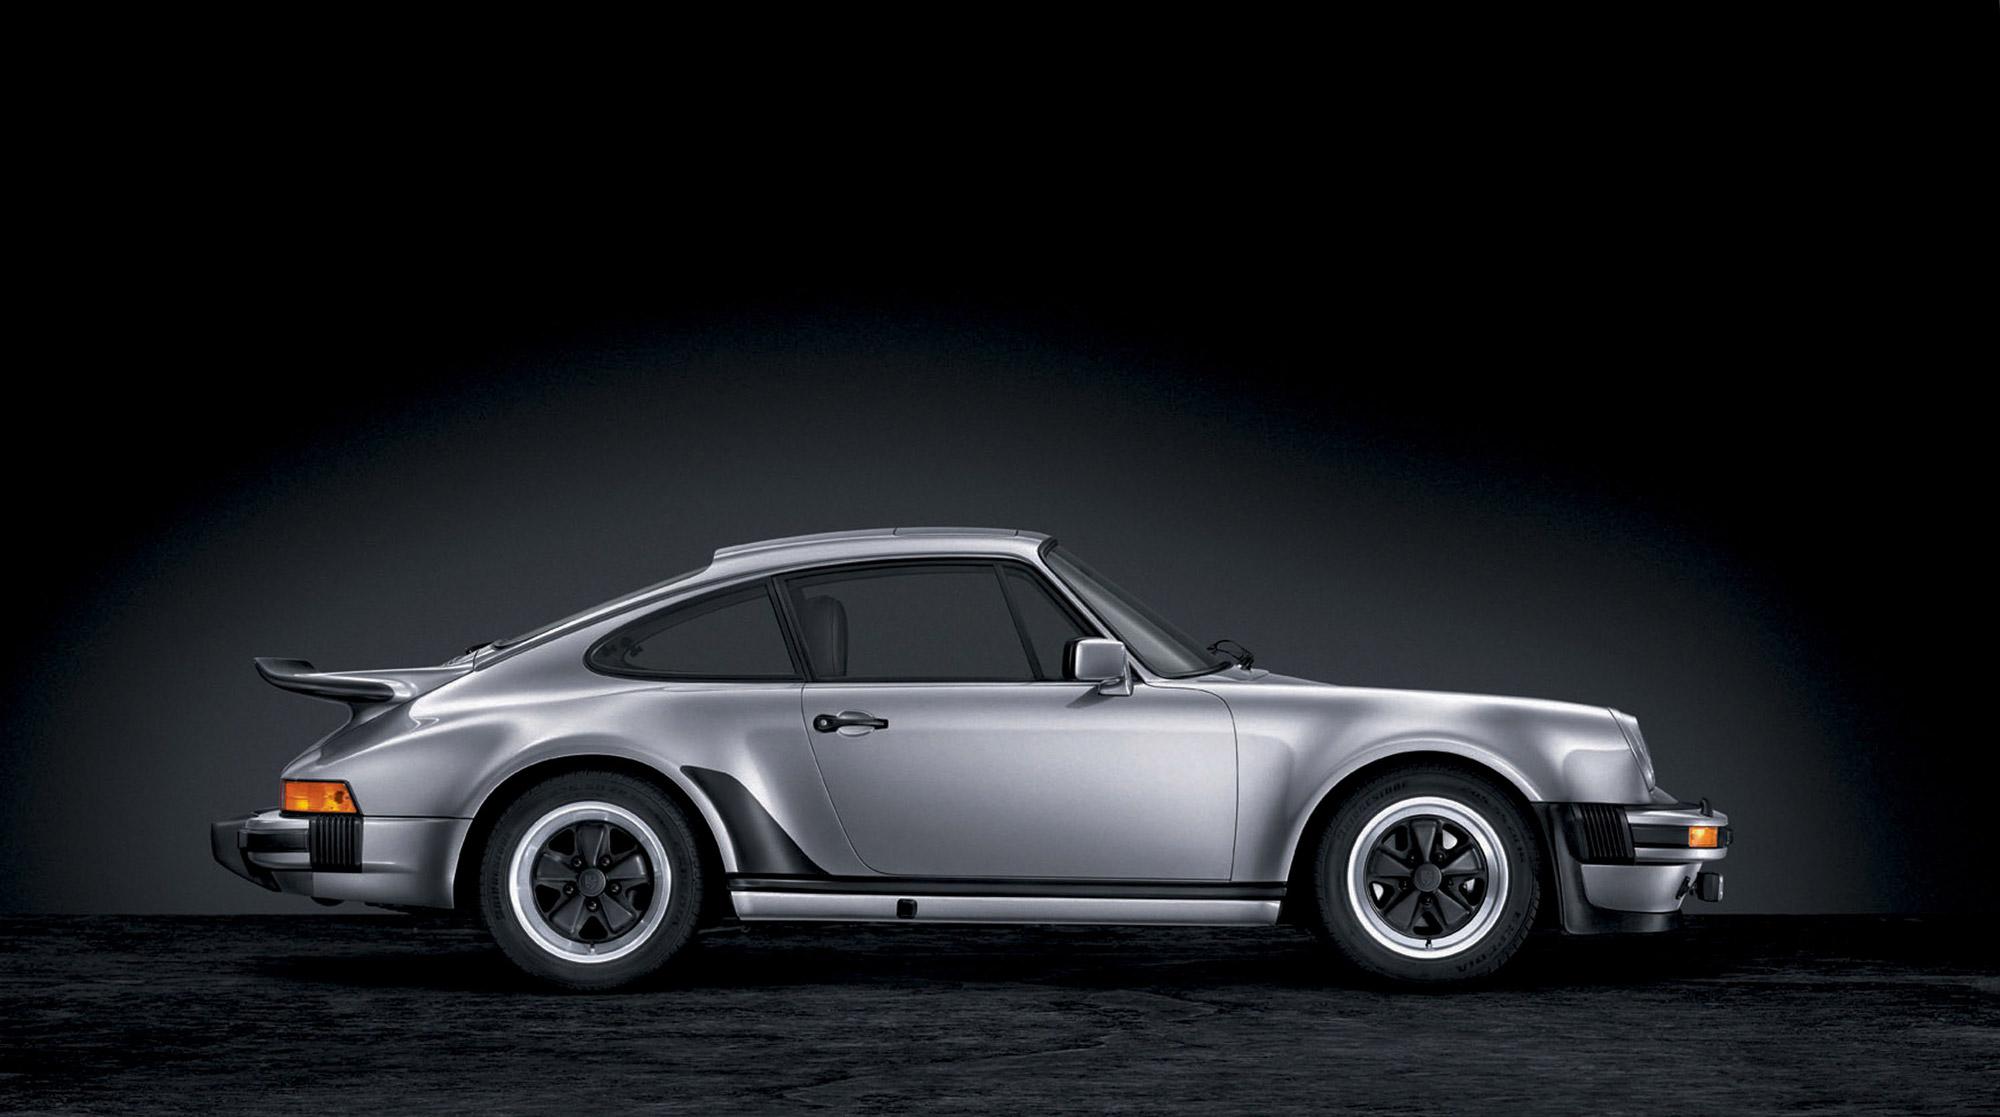 1975 911 Turbo